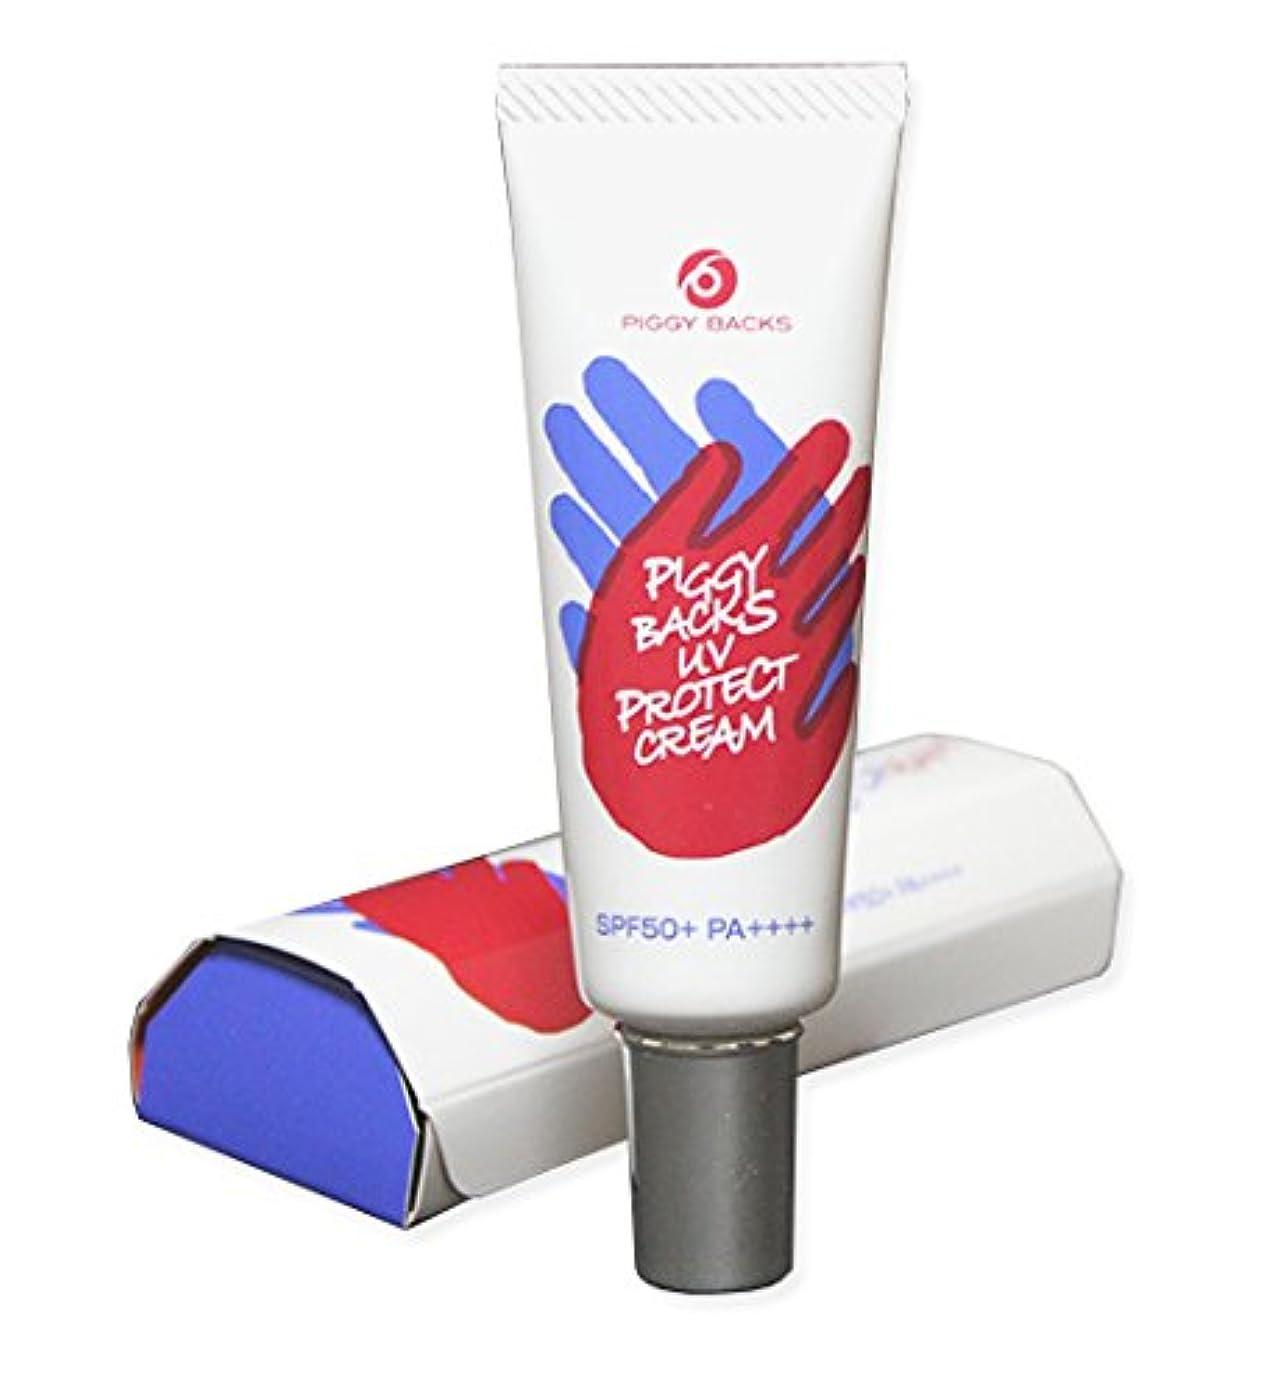 省略するニコチン公爵夫人ピギーバックス UVプロテクトクリーム【SPF50+、PA++++】国内最高紫外線防御力なのにノンケミカルを実現!塗り直しがいらない日焼け止めクリーム